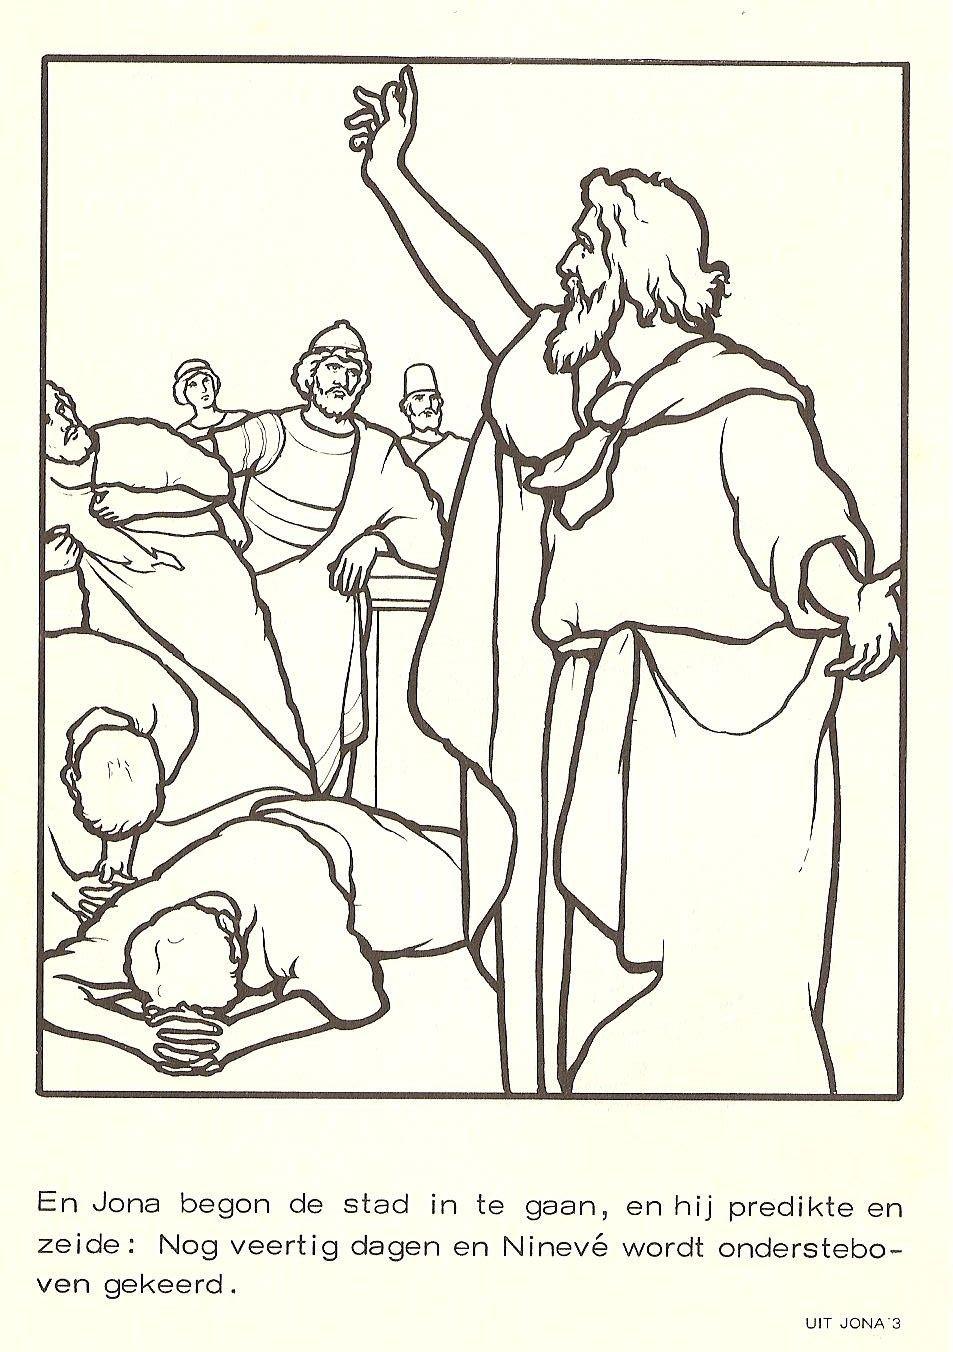 Jona In Nineve